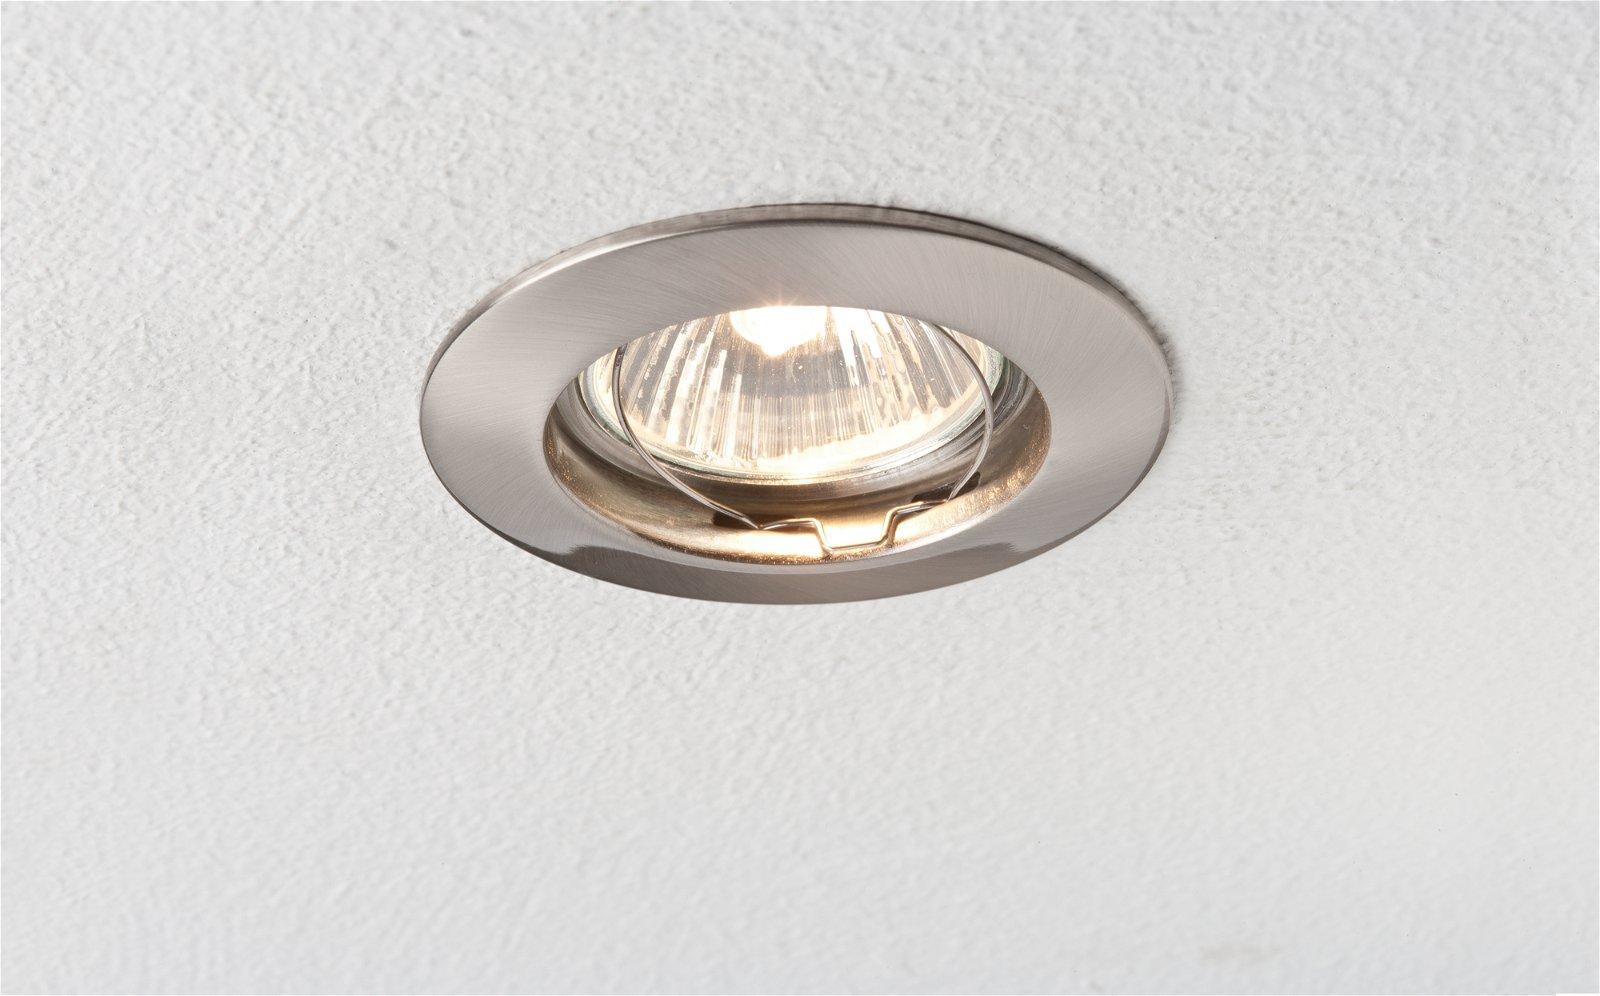 Premium LED-inbouwlamp Set van 3 star IP44 rond 79mm max. 3x50W Staal geborsteld